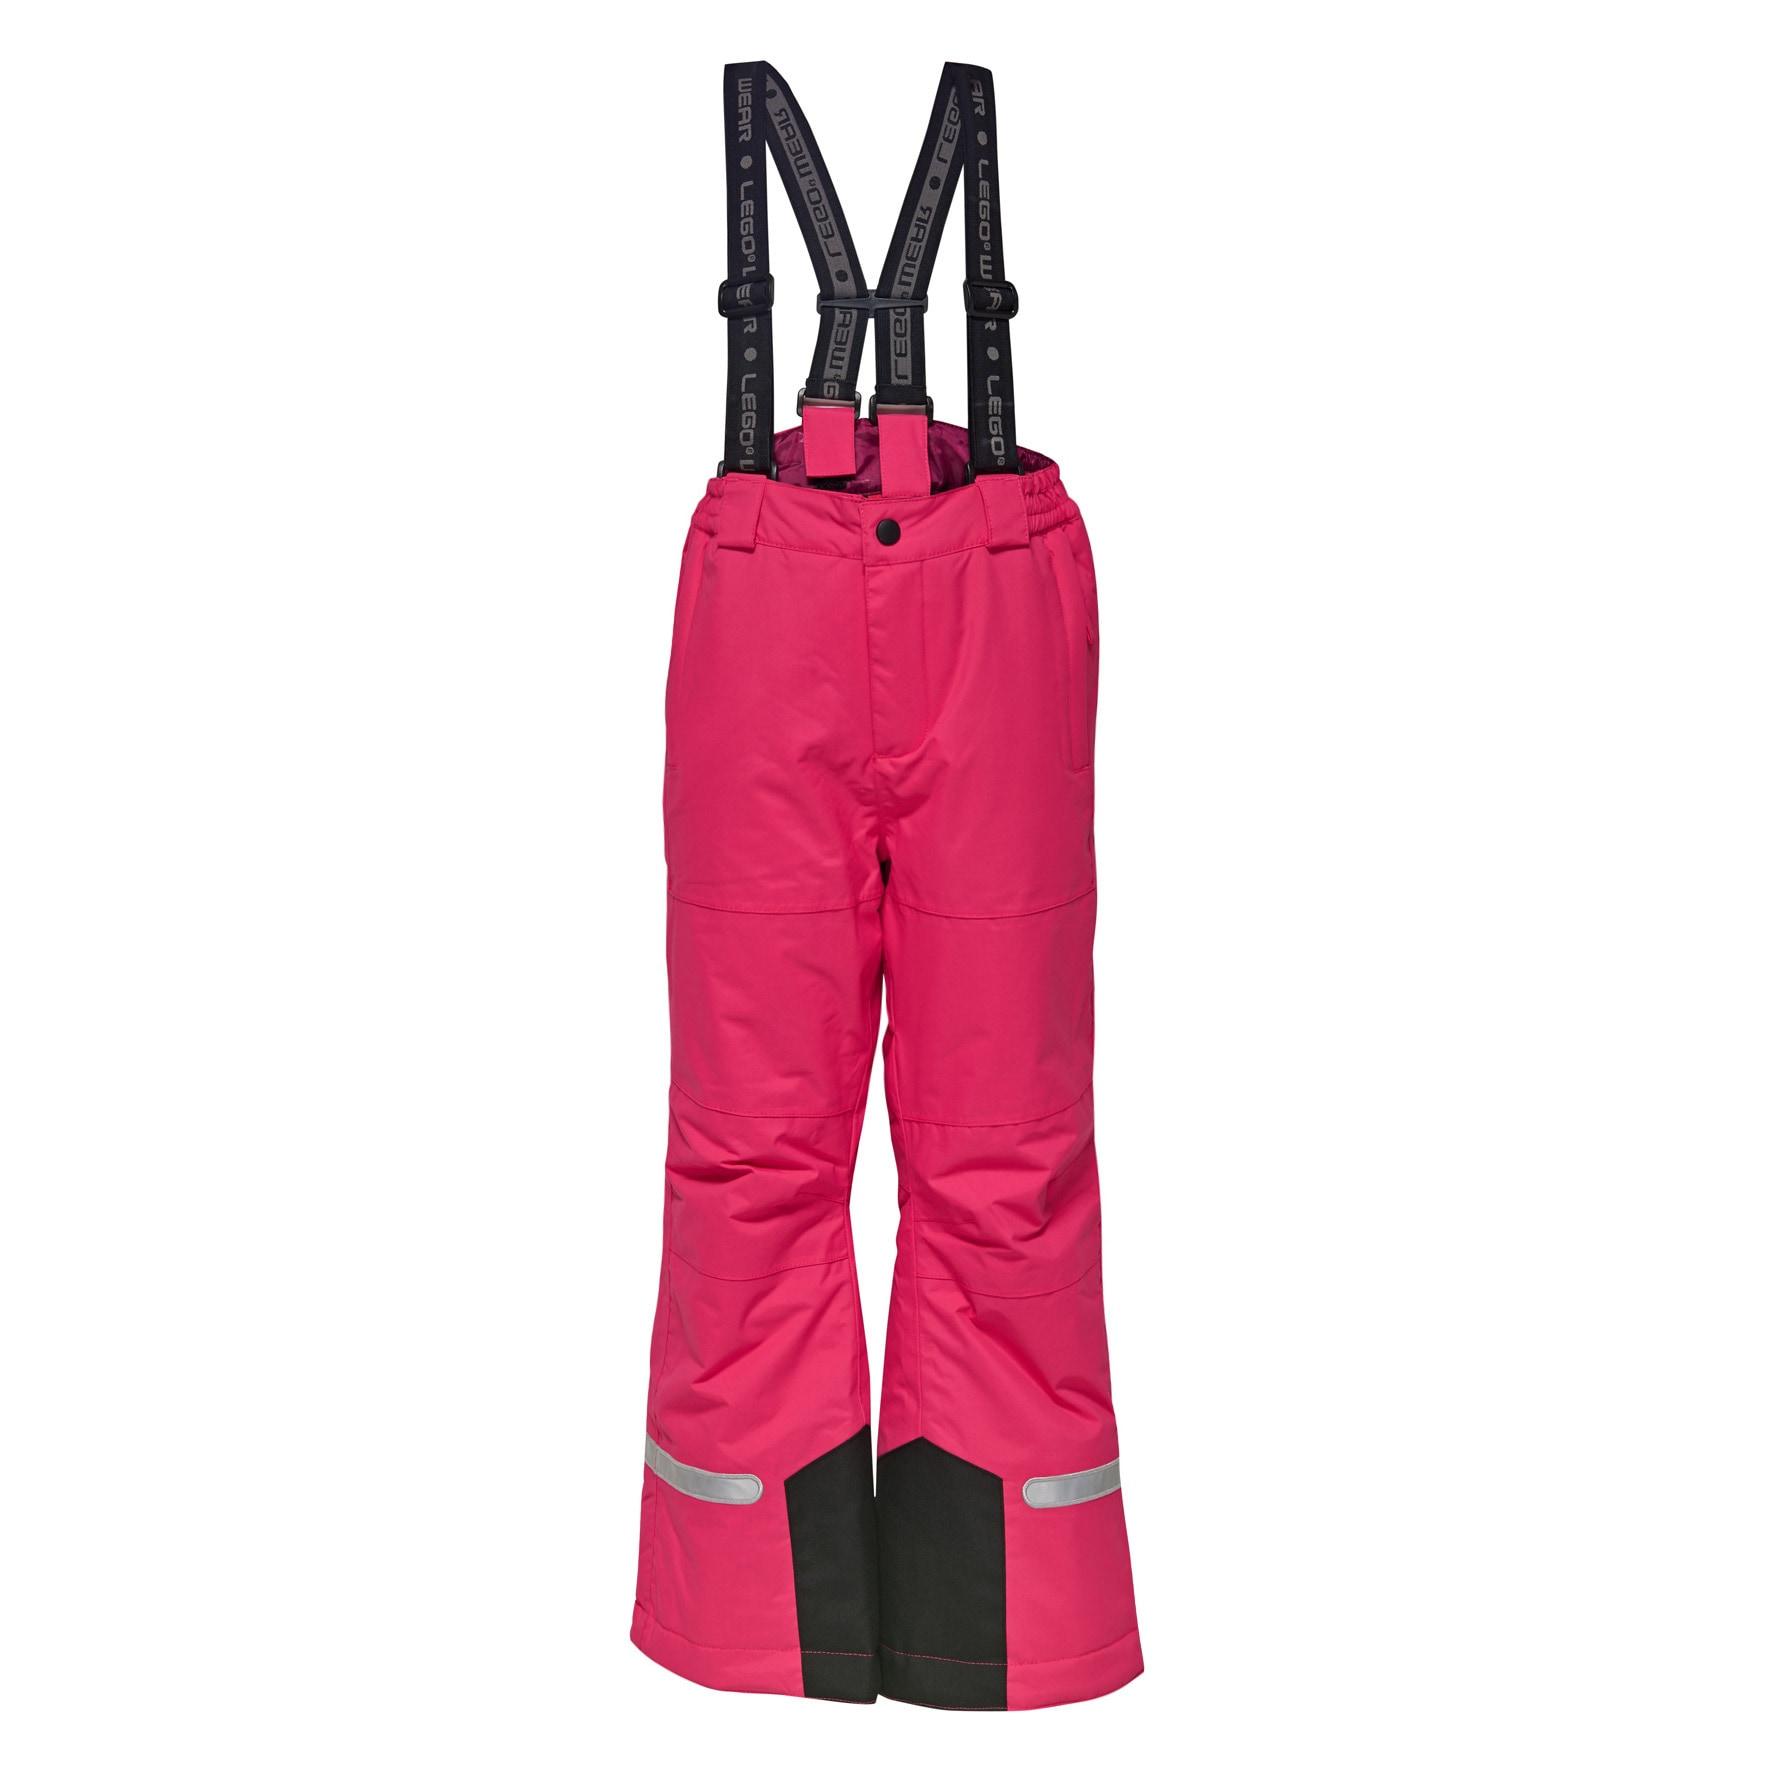 LEGO Wear Skihose PING 775 rosa Jungen Ski-Bekleidung Ski Sportarten